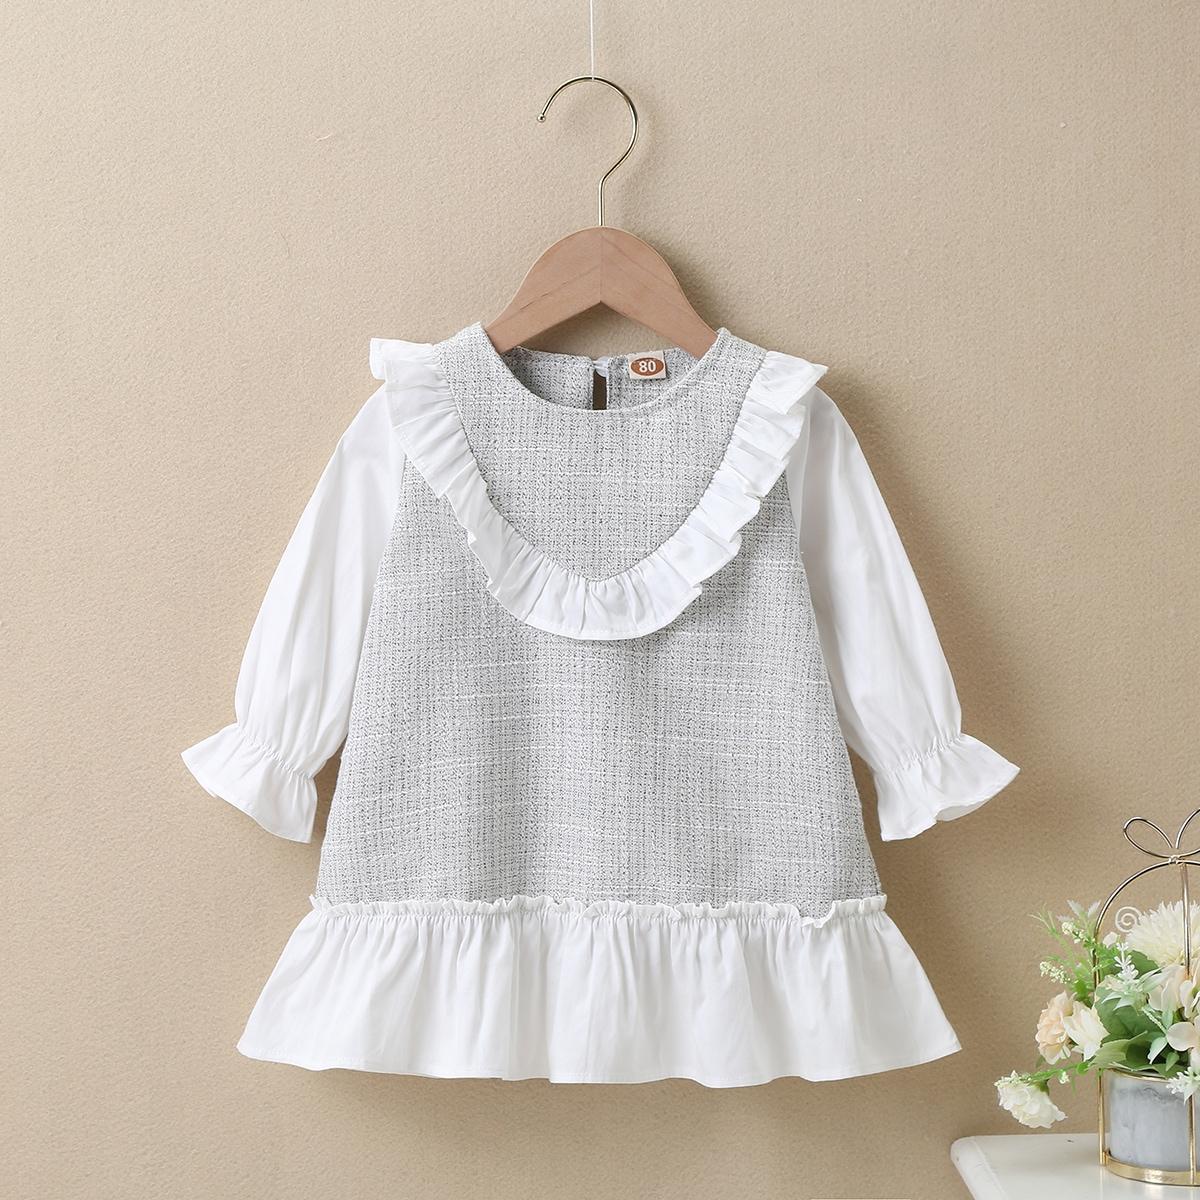 С оборками контрастный цвет милый платья для малышей